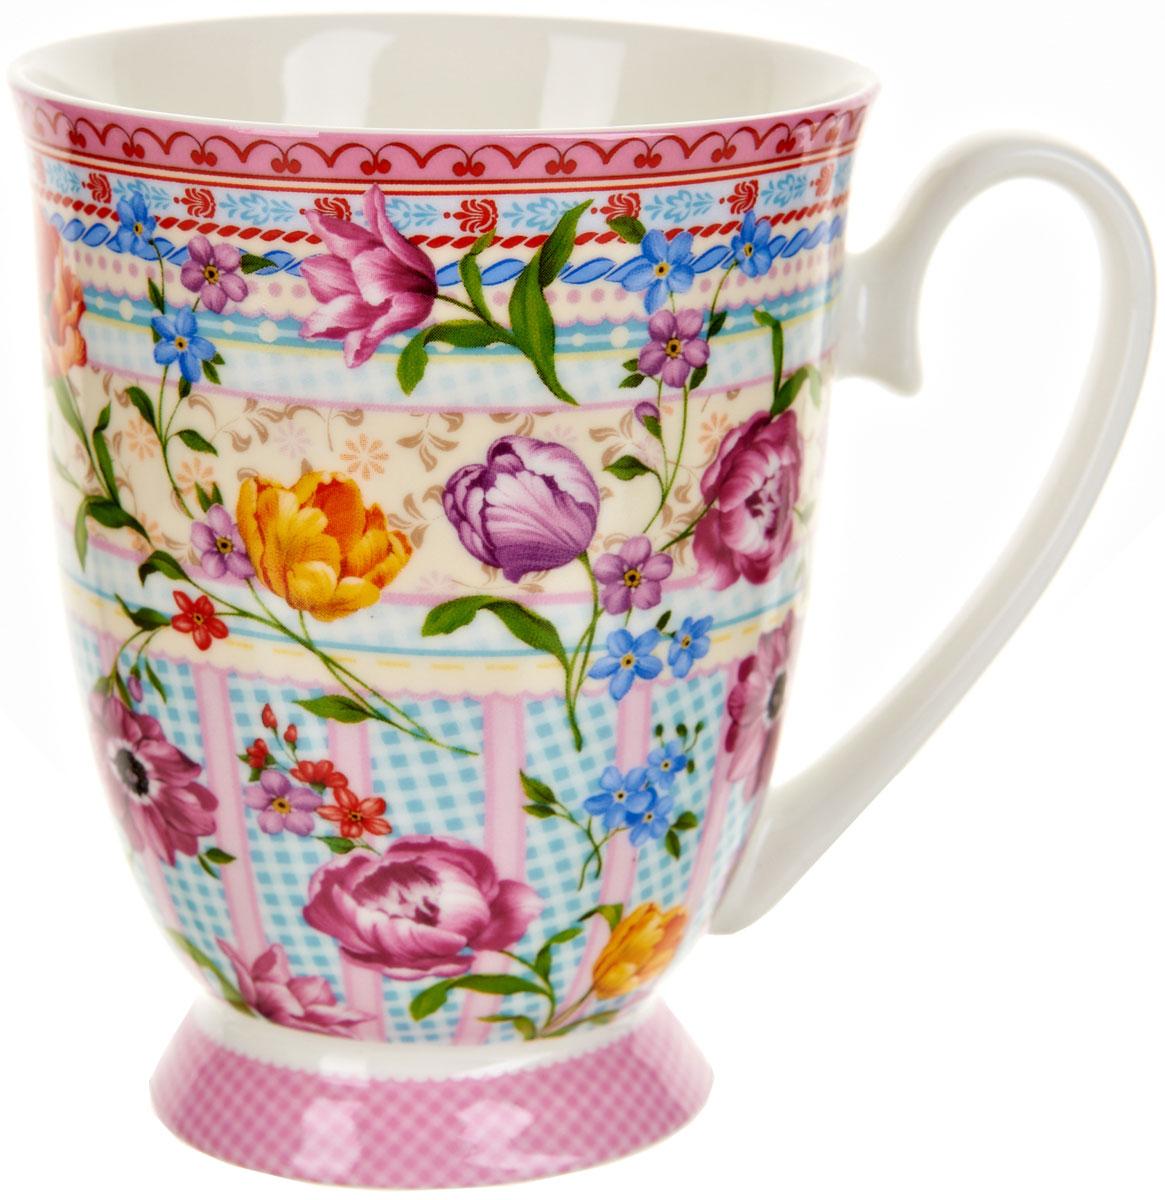 Кружка Polystar Разноцветные тюльпаны, 360 мл391602Оригинальная кружка Polystar, выполненная из фарфора, сочетает в себе изысканный дизайн с максимальной функциональностью.Красочность оформления кружки придется по вкусу и ценителям классики, и тем, кто предпочитает утонченность и изысканность. Можно использовать в микроволной печи и мыть в посудомоечной машине.Объем: 360 мл.